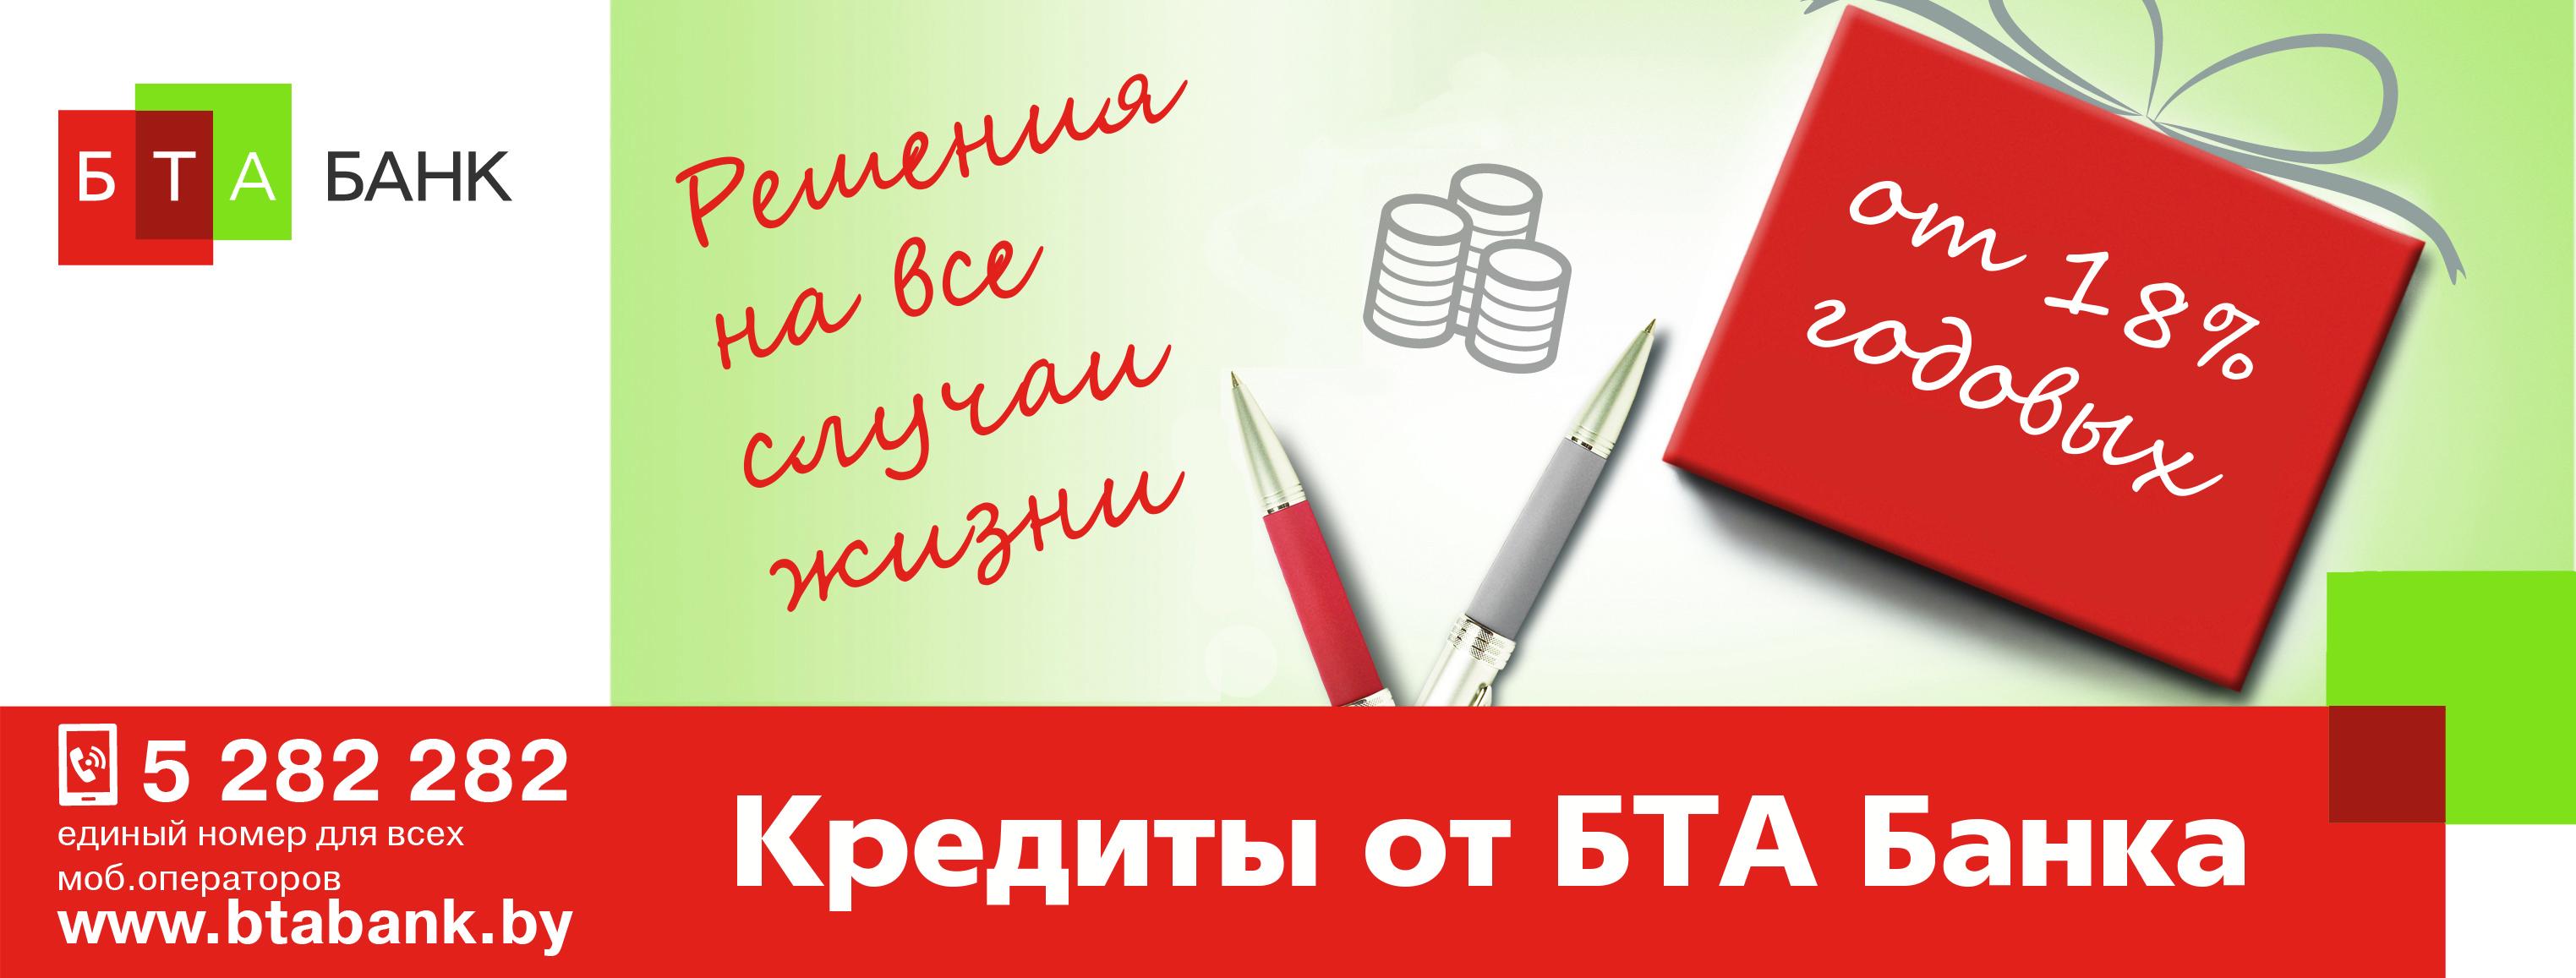 Кредиты без залога бта банк что инвестирует казахстан в россии